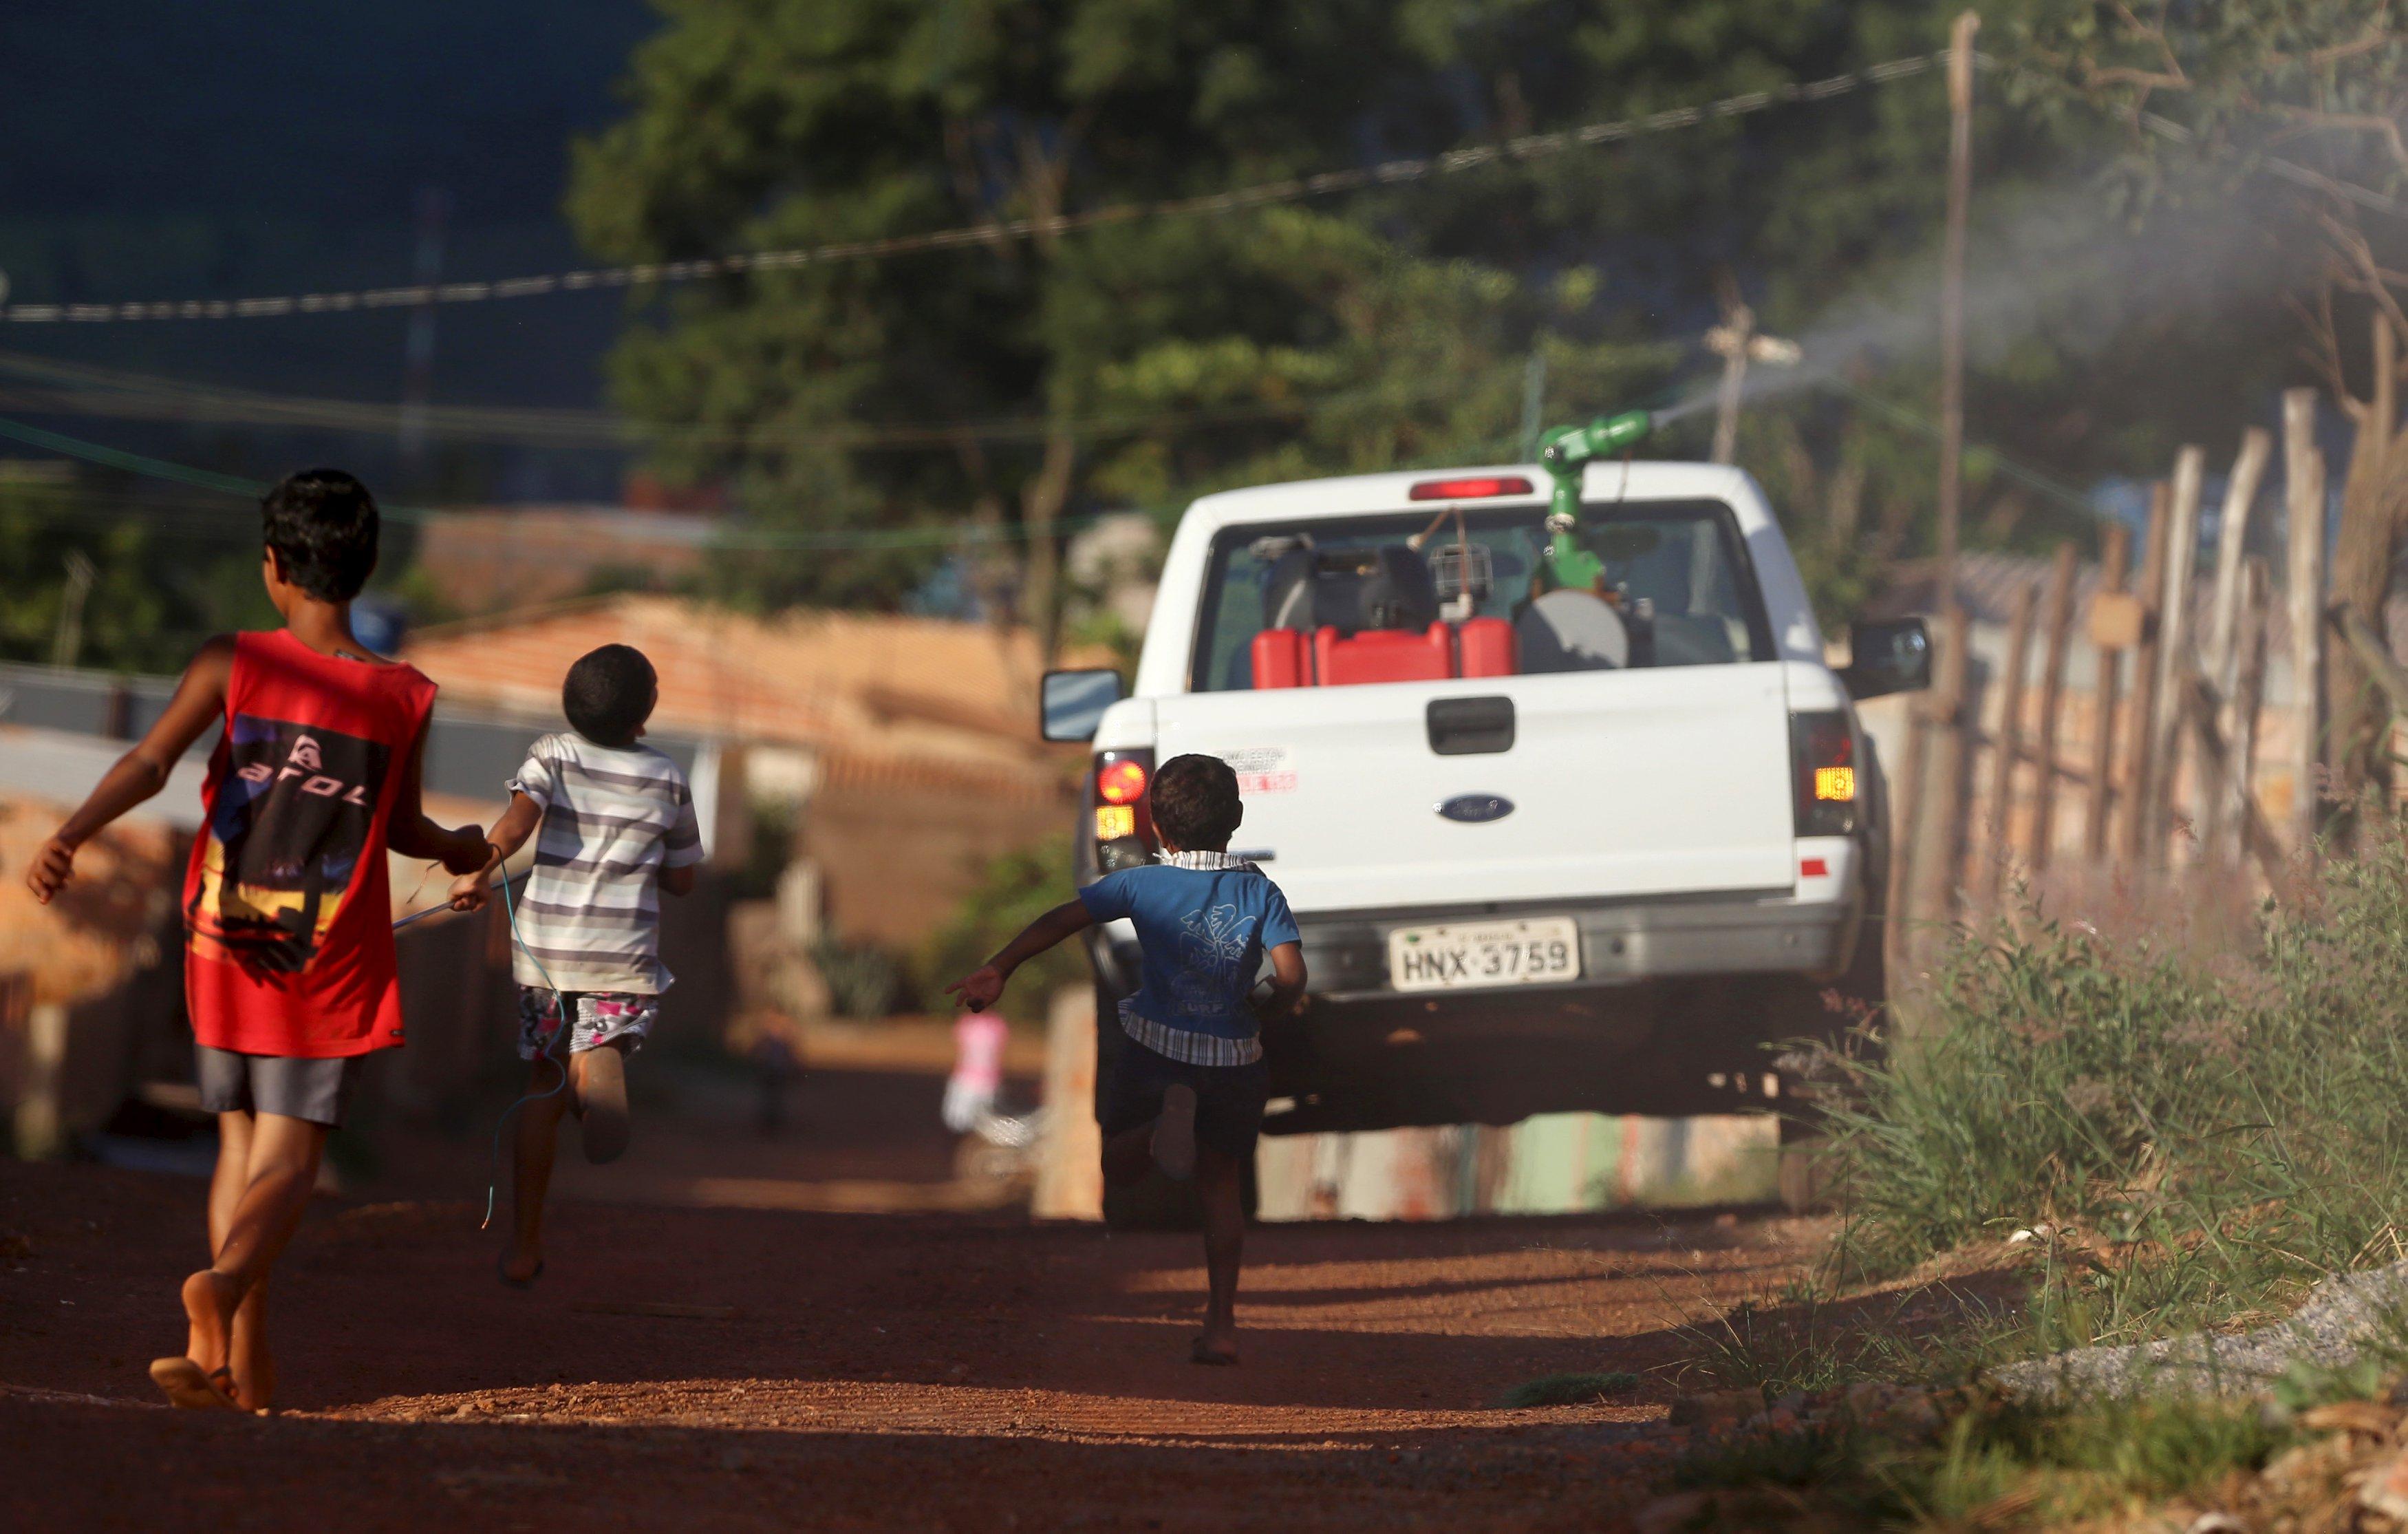 图为巴西喷洒灭蚊药的市政车辆。新华社图片。